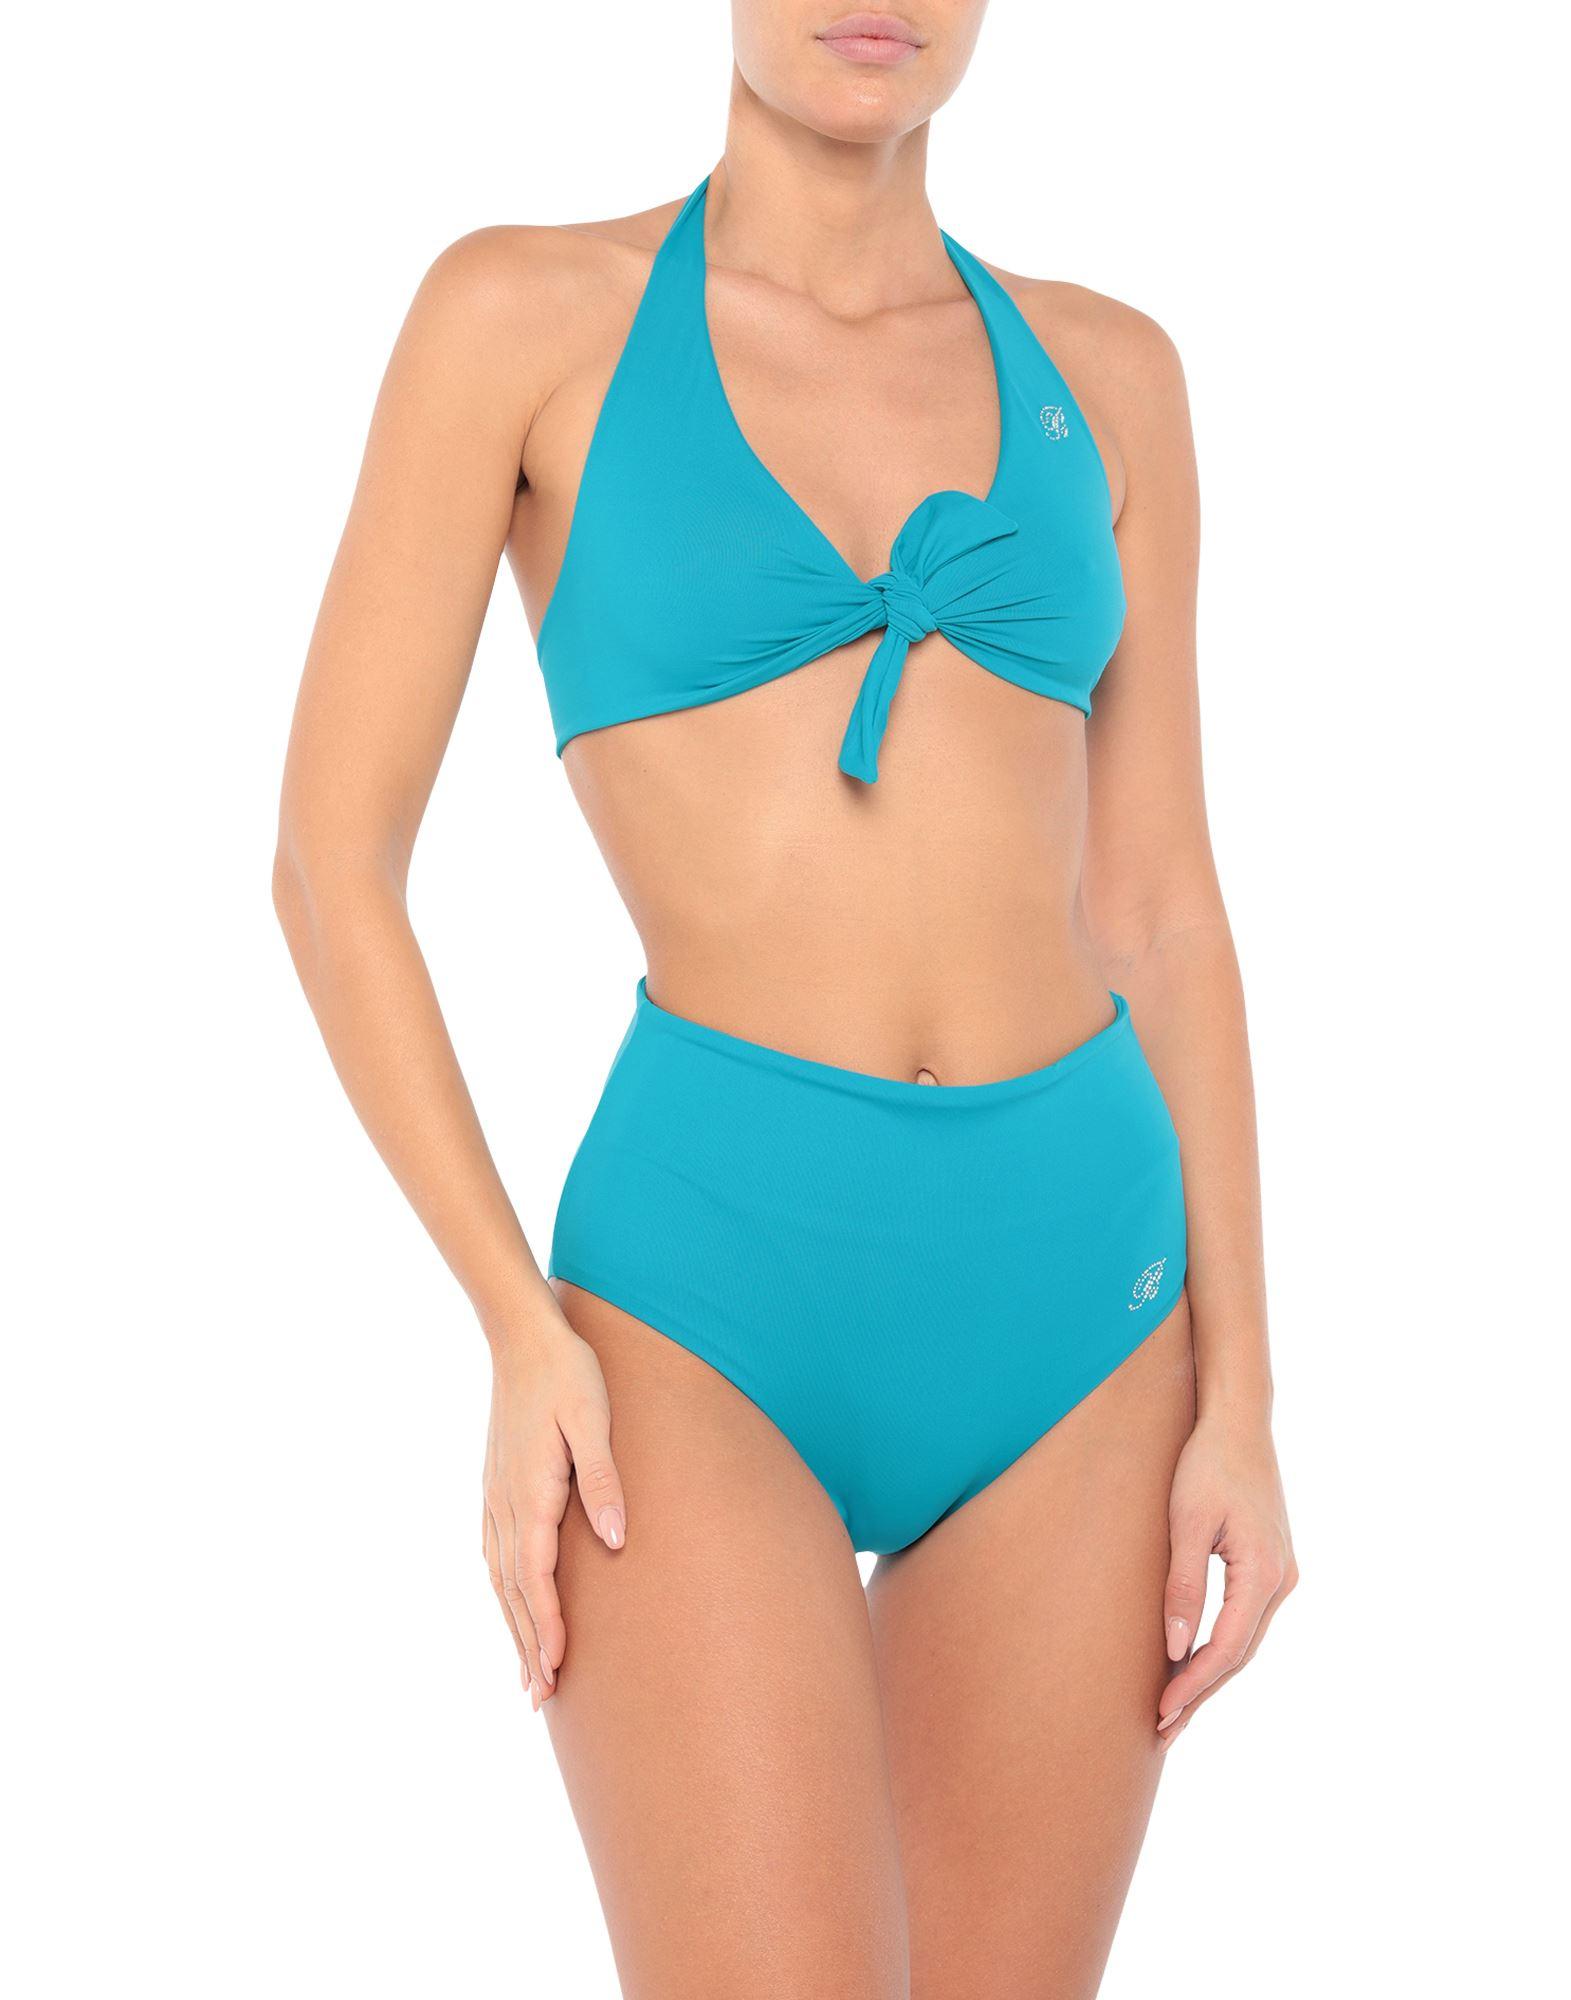 BLUMARINE Bikinis - Item 47250053